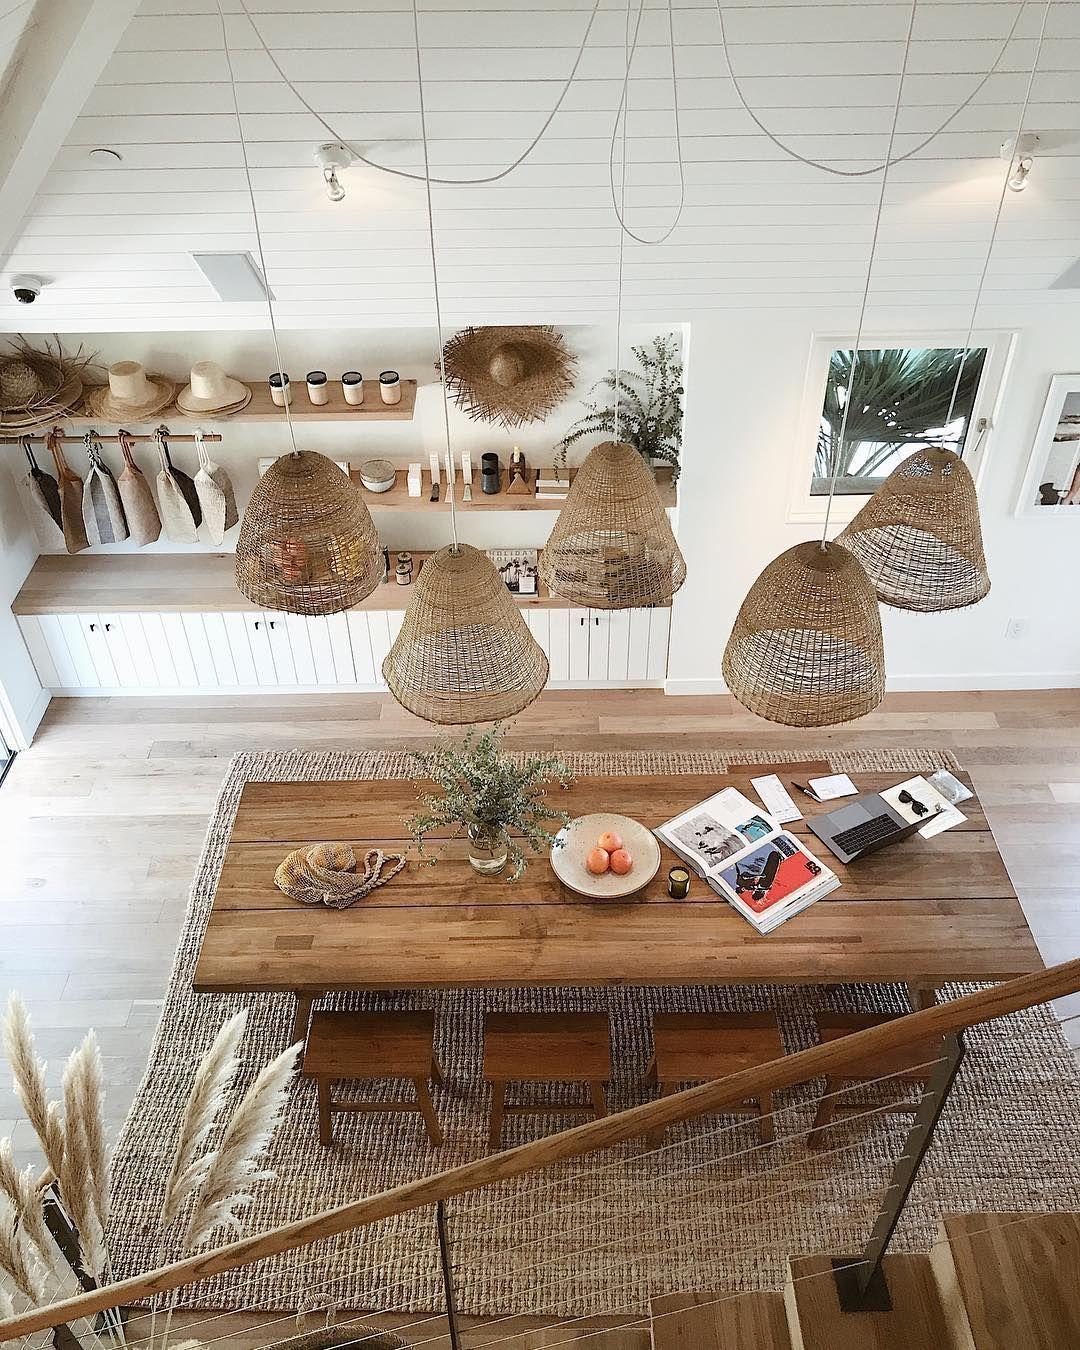 Surfrider Malibu Gets A Facelift With Indoteak Design Indoteak Design Table Home Decor Decor Dining Room Decor